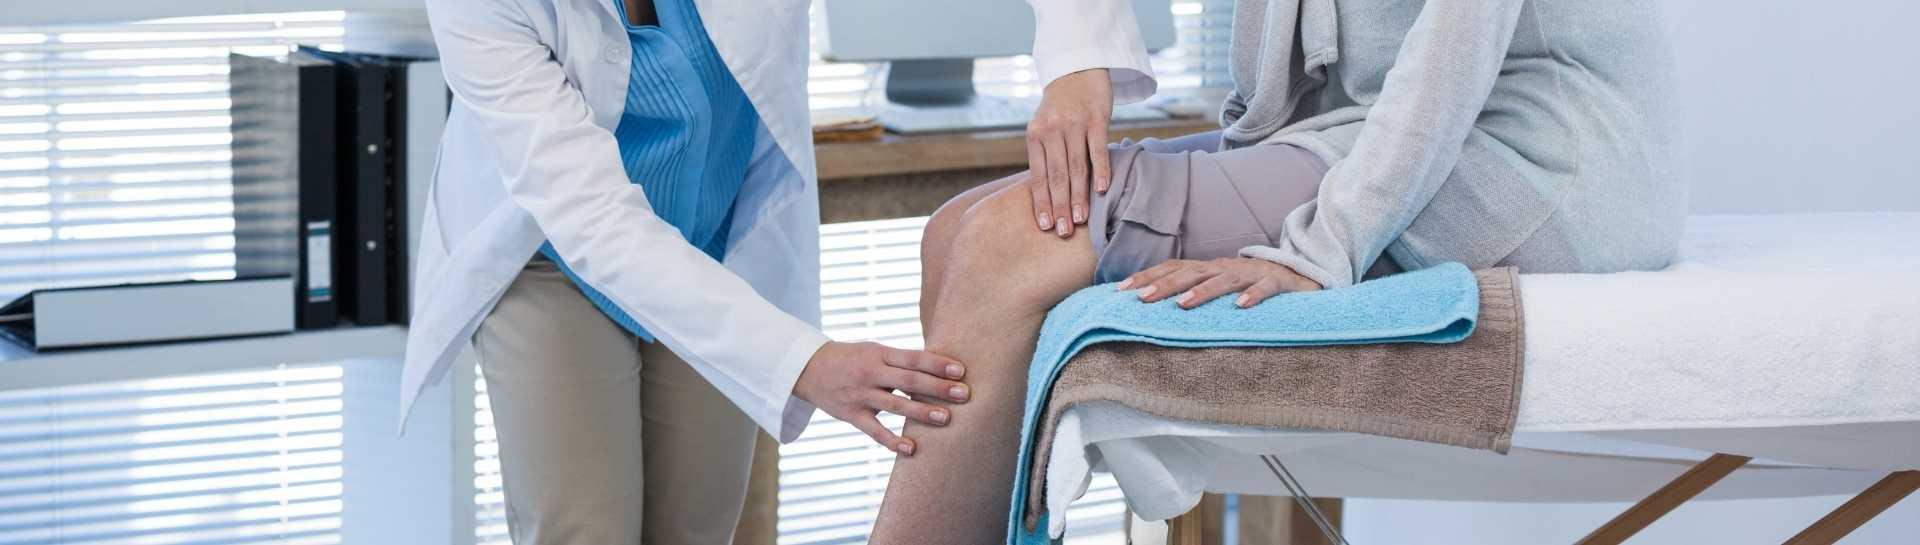 Dolore al ginocchio ?  Segni e sintomi della condropatia rotulea